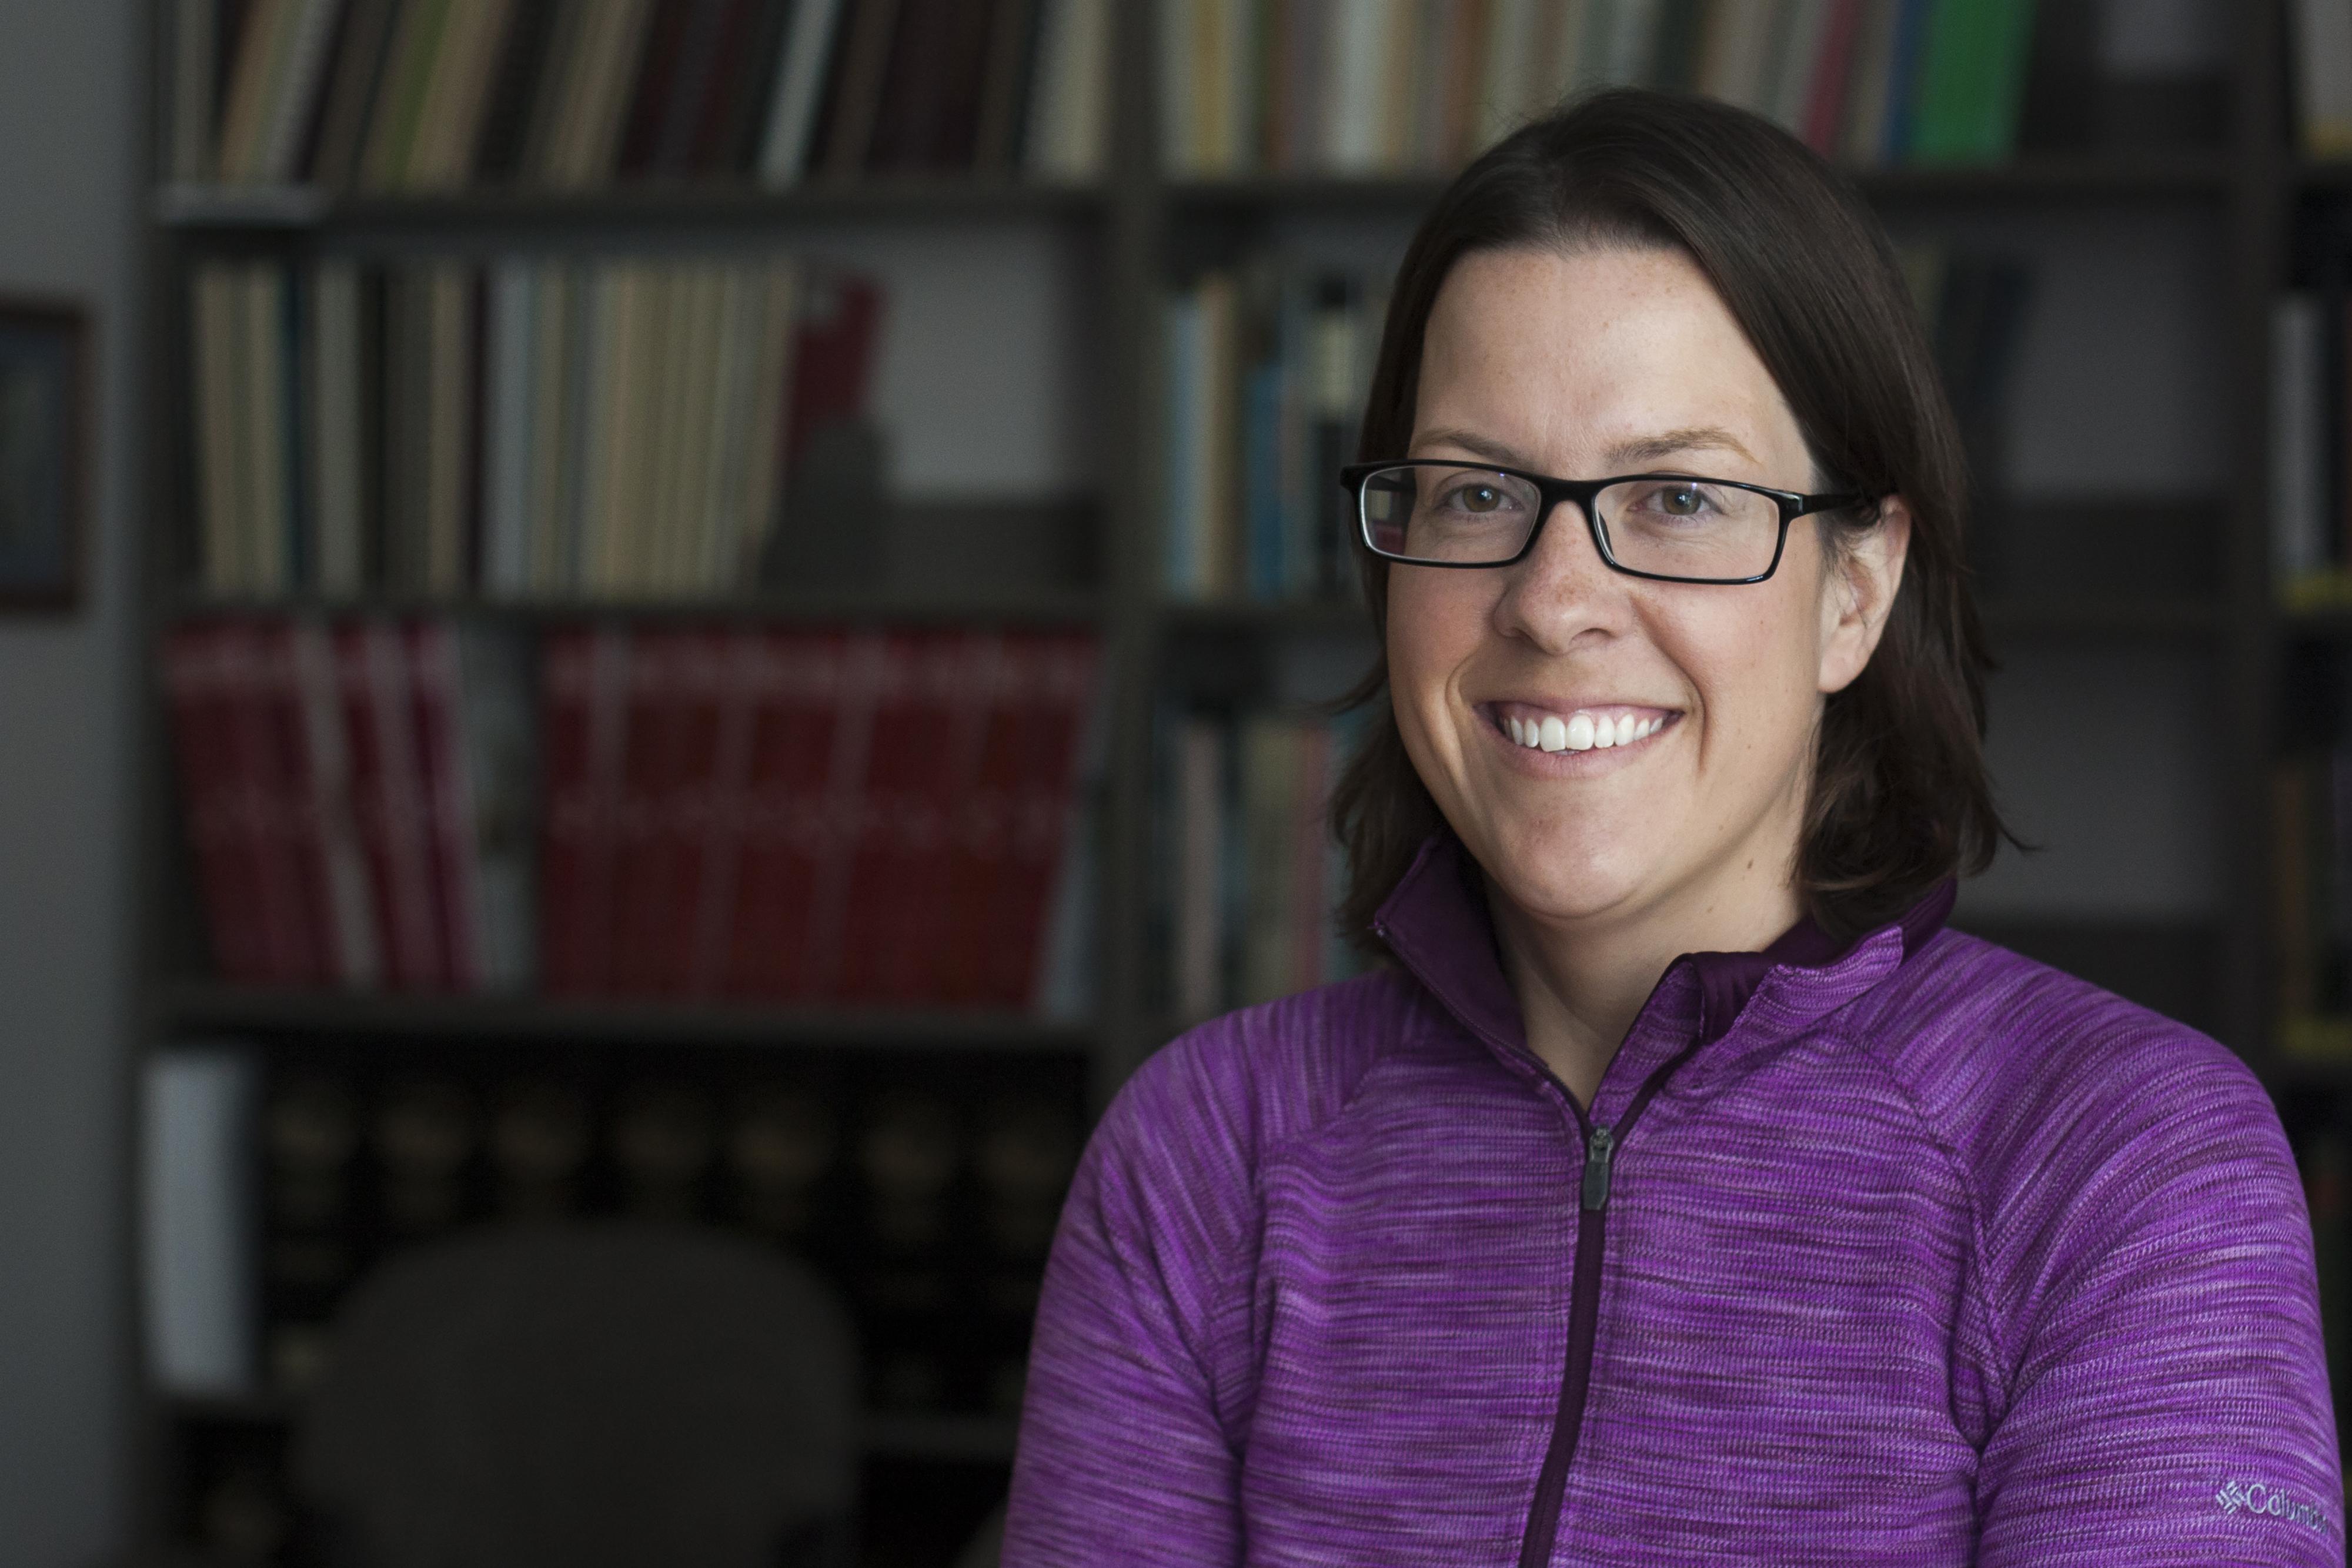 Photo of Brandi S. Coyner, Ph.D.